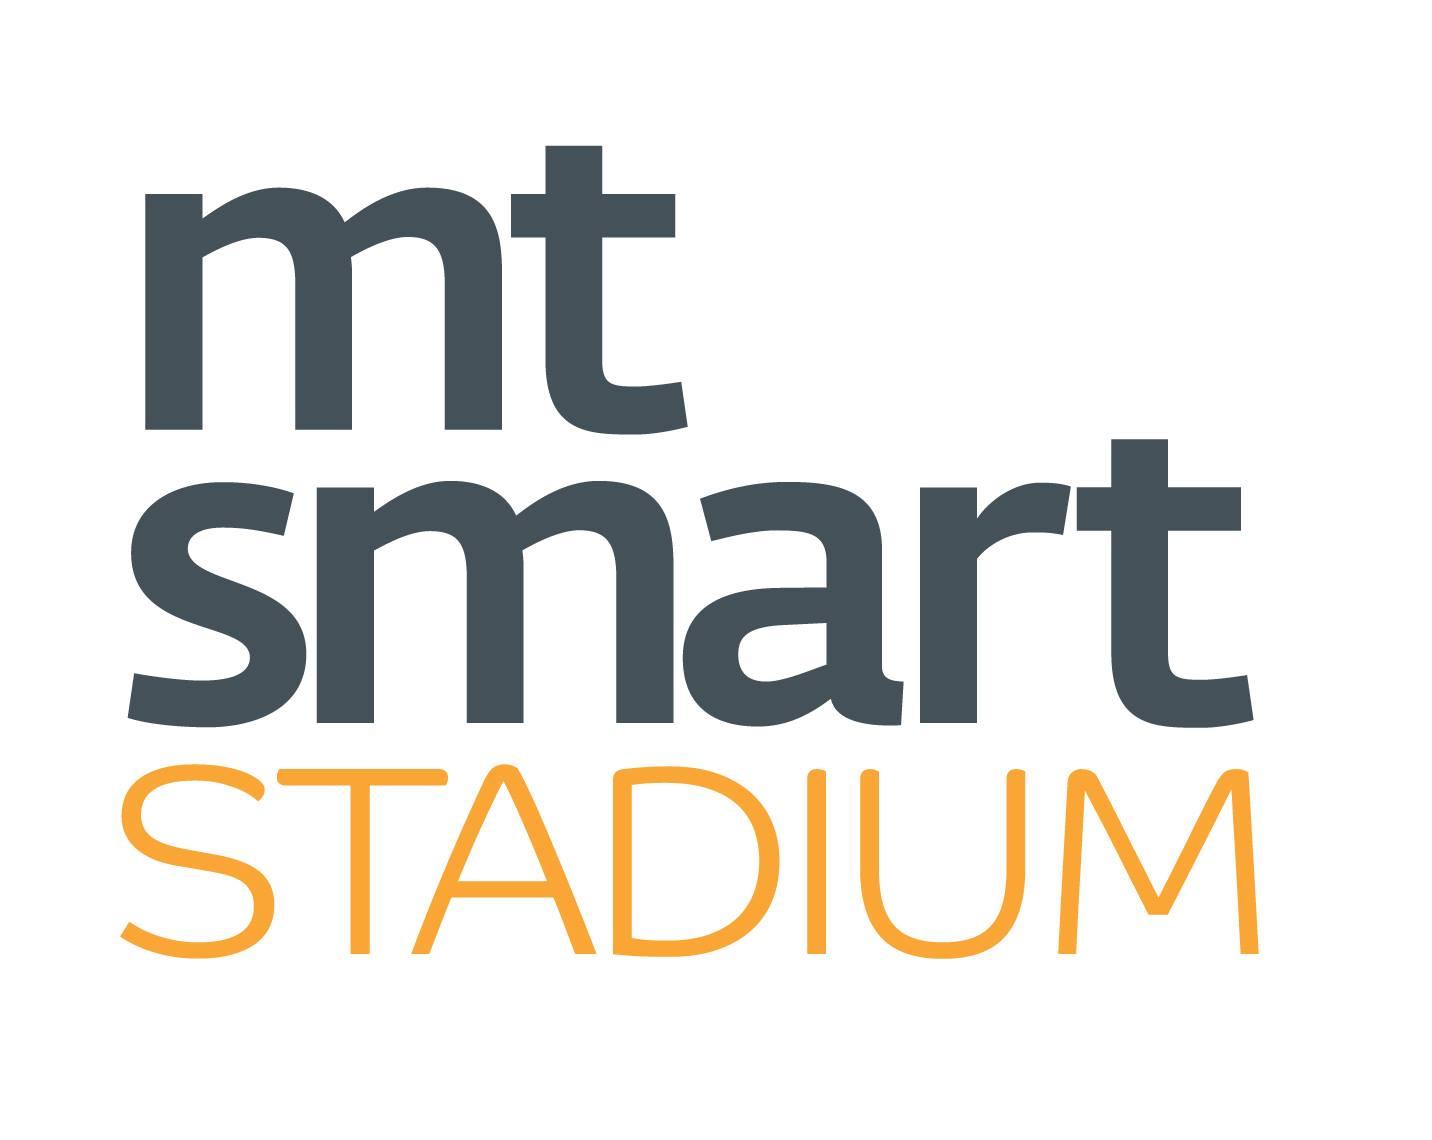 https://rfacdn.nz/stadiums/assets/media/mt-smart-stadium-logo.jpg